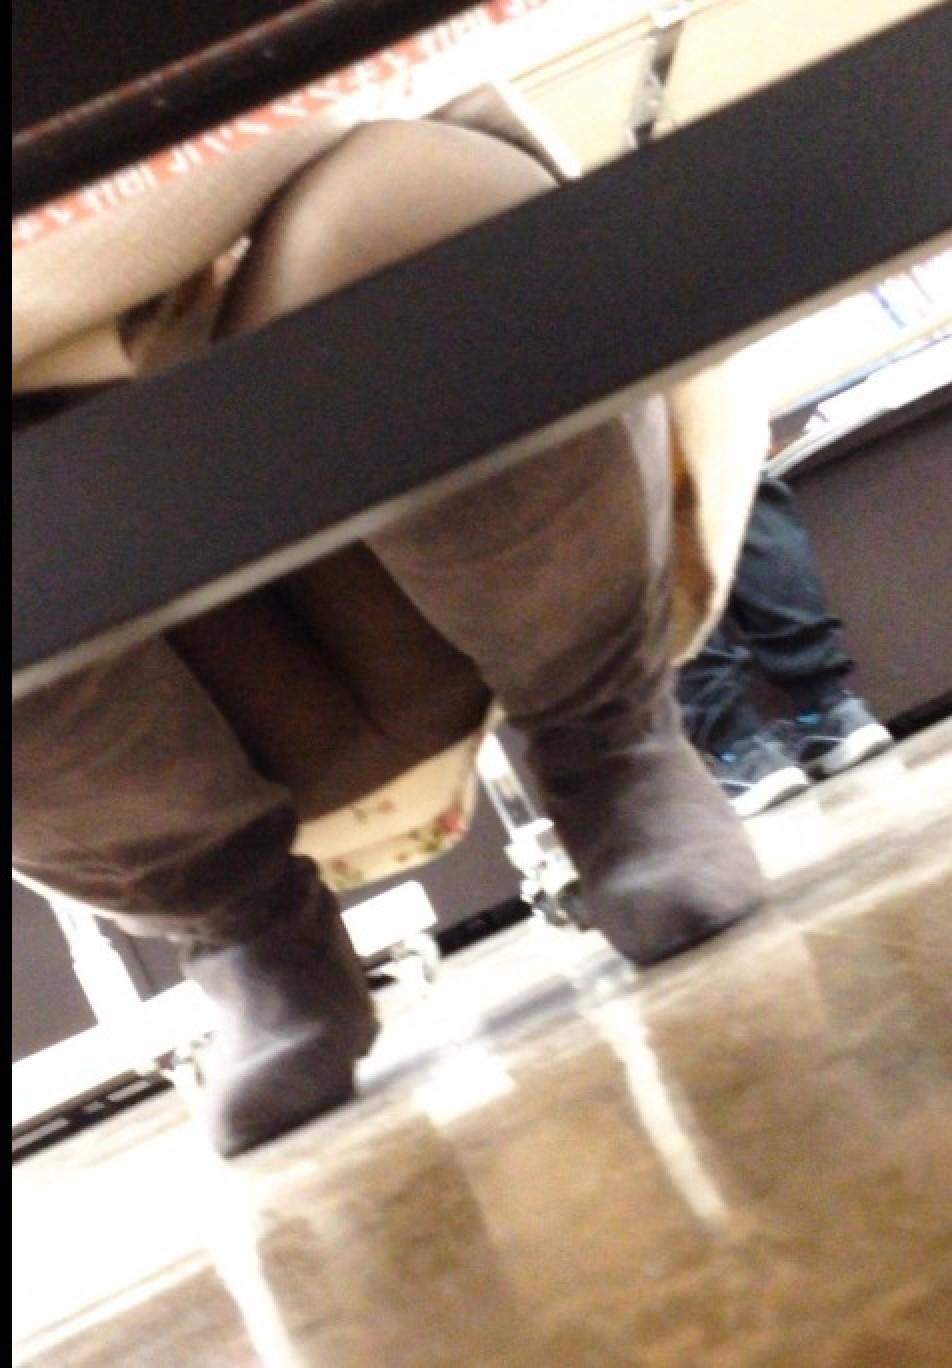 【パンチラエロ画像】店内の棚下覗けばパンツだらけ!ミニスカ客は見逃さず観察(*´Д`)